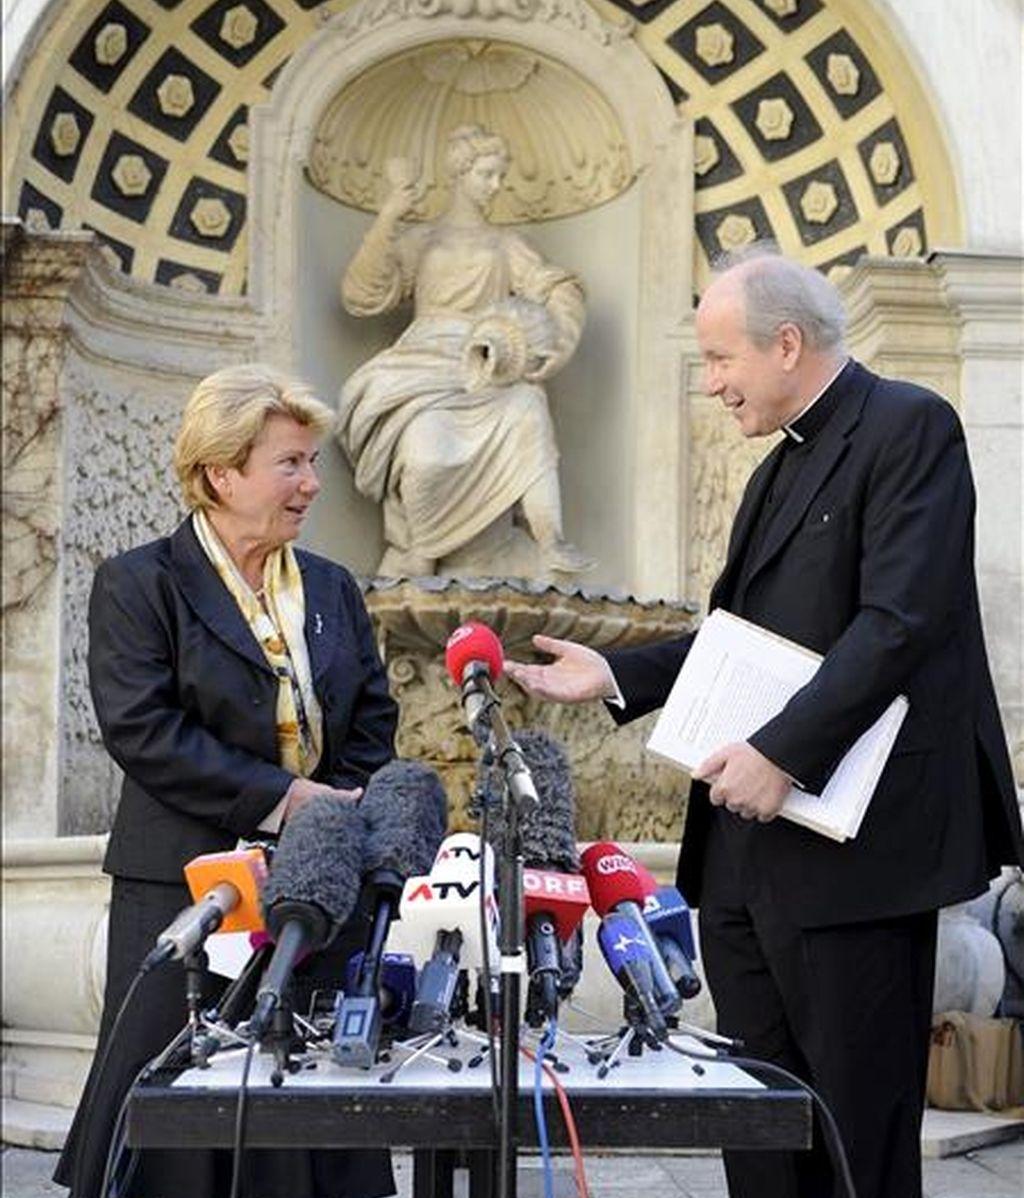 La ex gobernadora de la provincia austriaca de Styria, Waltraud Klasnic , y el cardenal Christoph Schoenborn antes de ofrecer una rueda de prensa en Viena este jueves. La Iglesia católica ha nombrado a Klasnic representante independiente de las víctimas durante las investigaciones de los presuntos casos de abusos a menores. EFE